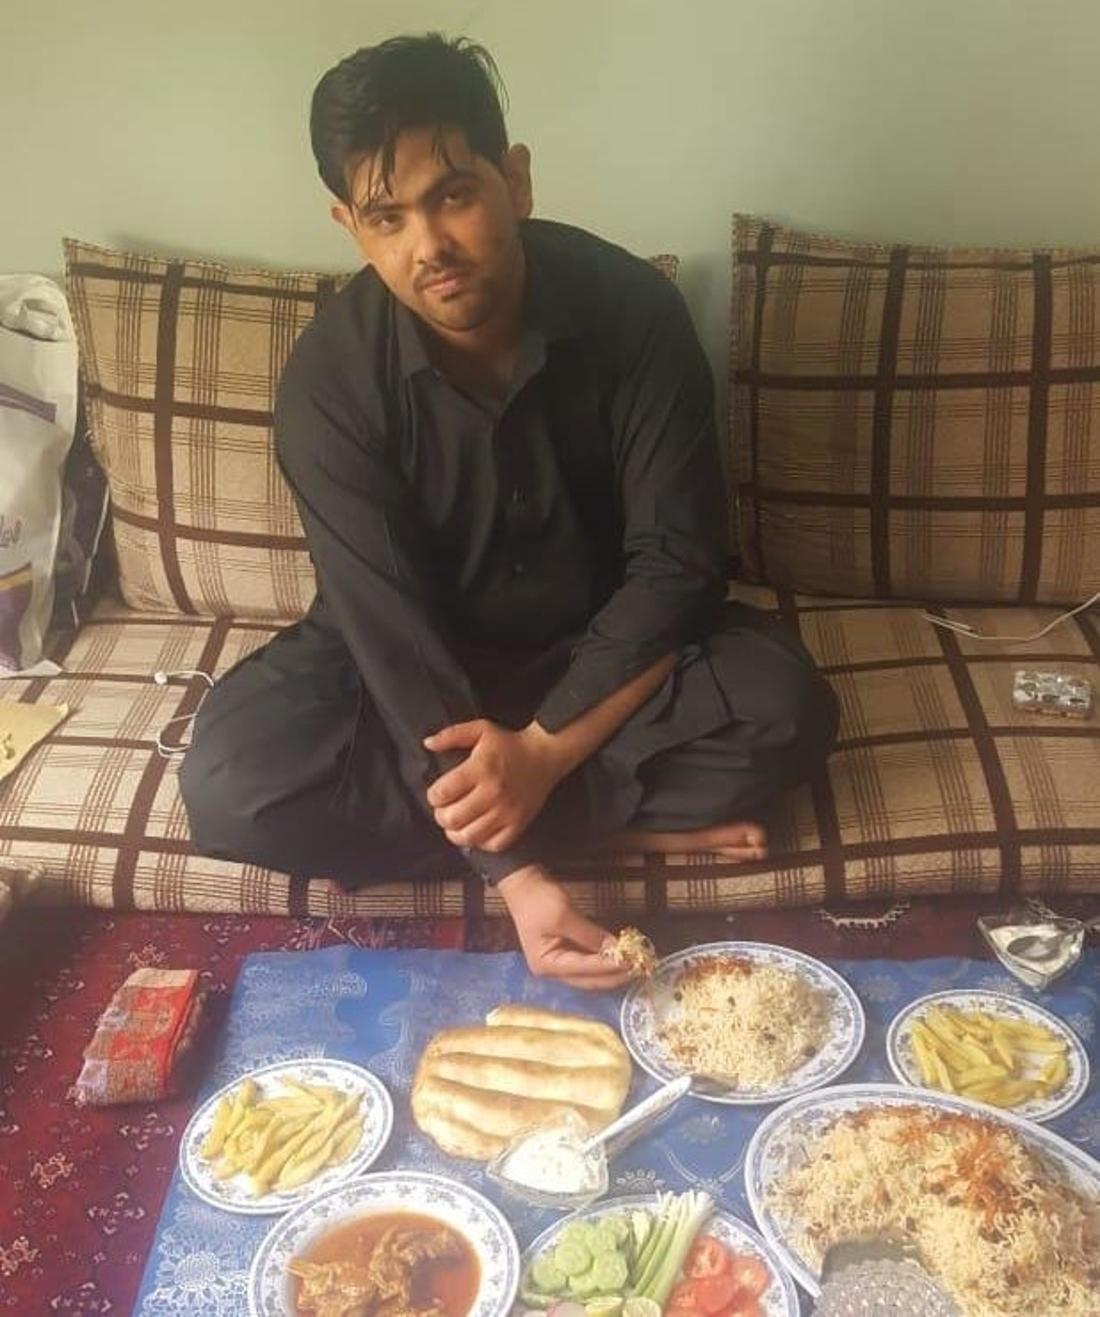 Naghibollah zwei Tage nach seiner Abschiebung in einer Moschee in Kabul.